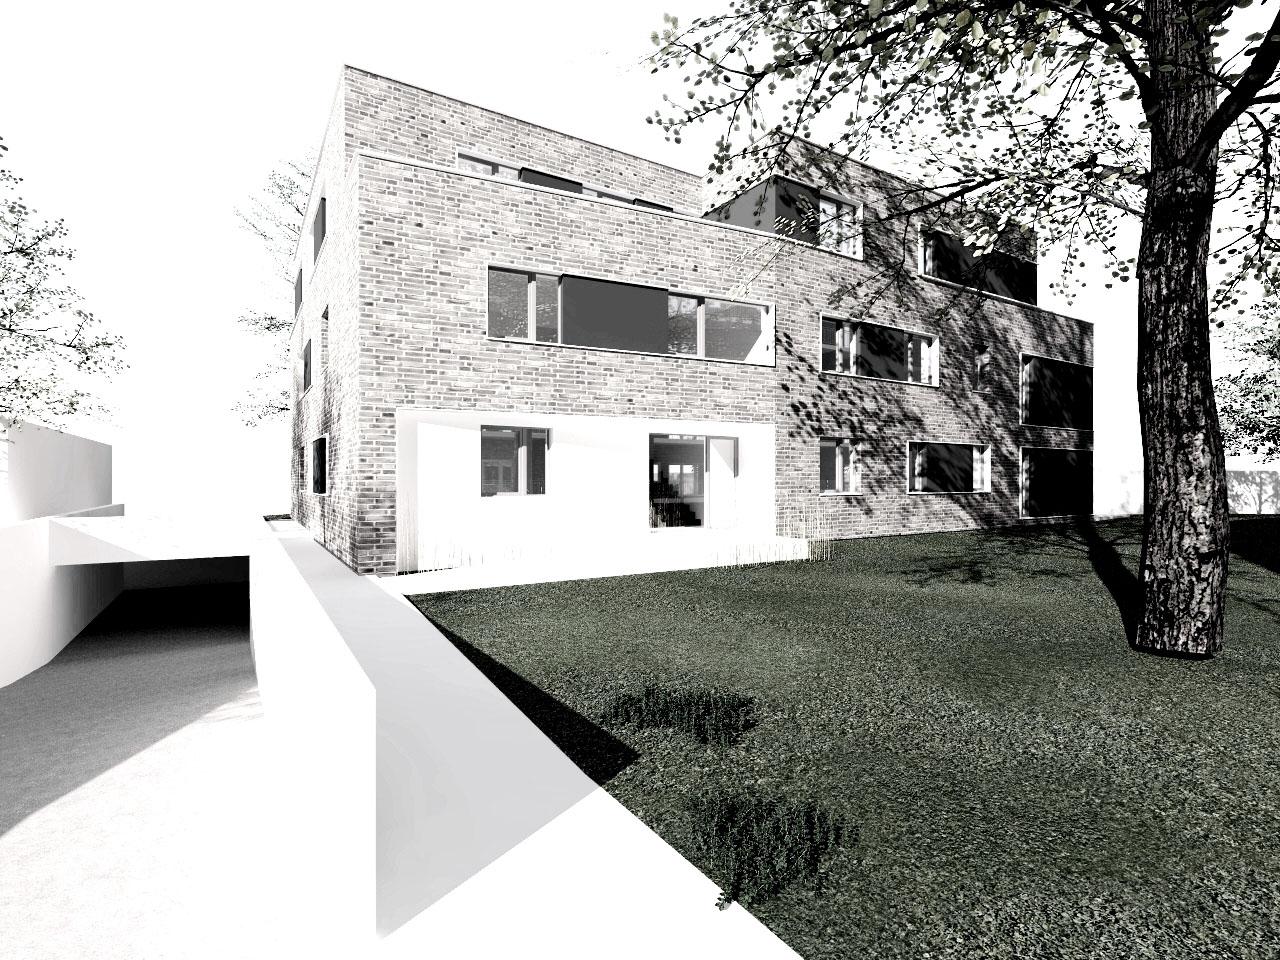 Bauantrag eingereicht Neubau Wohngebäude Hamburg